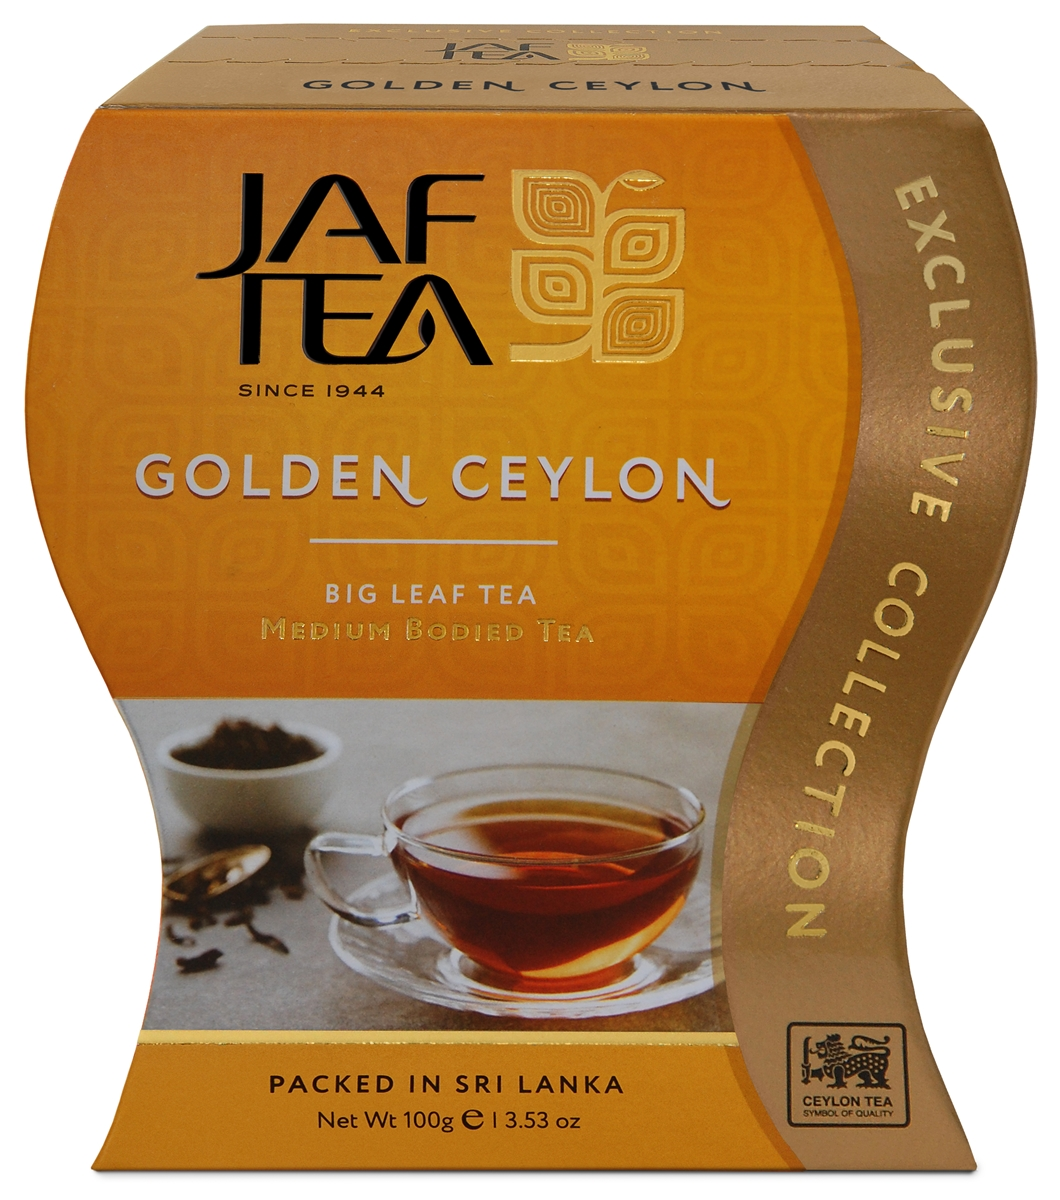 Jaf Tea Golden Ceylon сорт Оpa чай черный листовой, 100 г чай листовой good tea автор набор 4 190 г 10 фильтр пакетов и мерная ложка